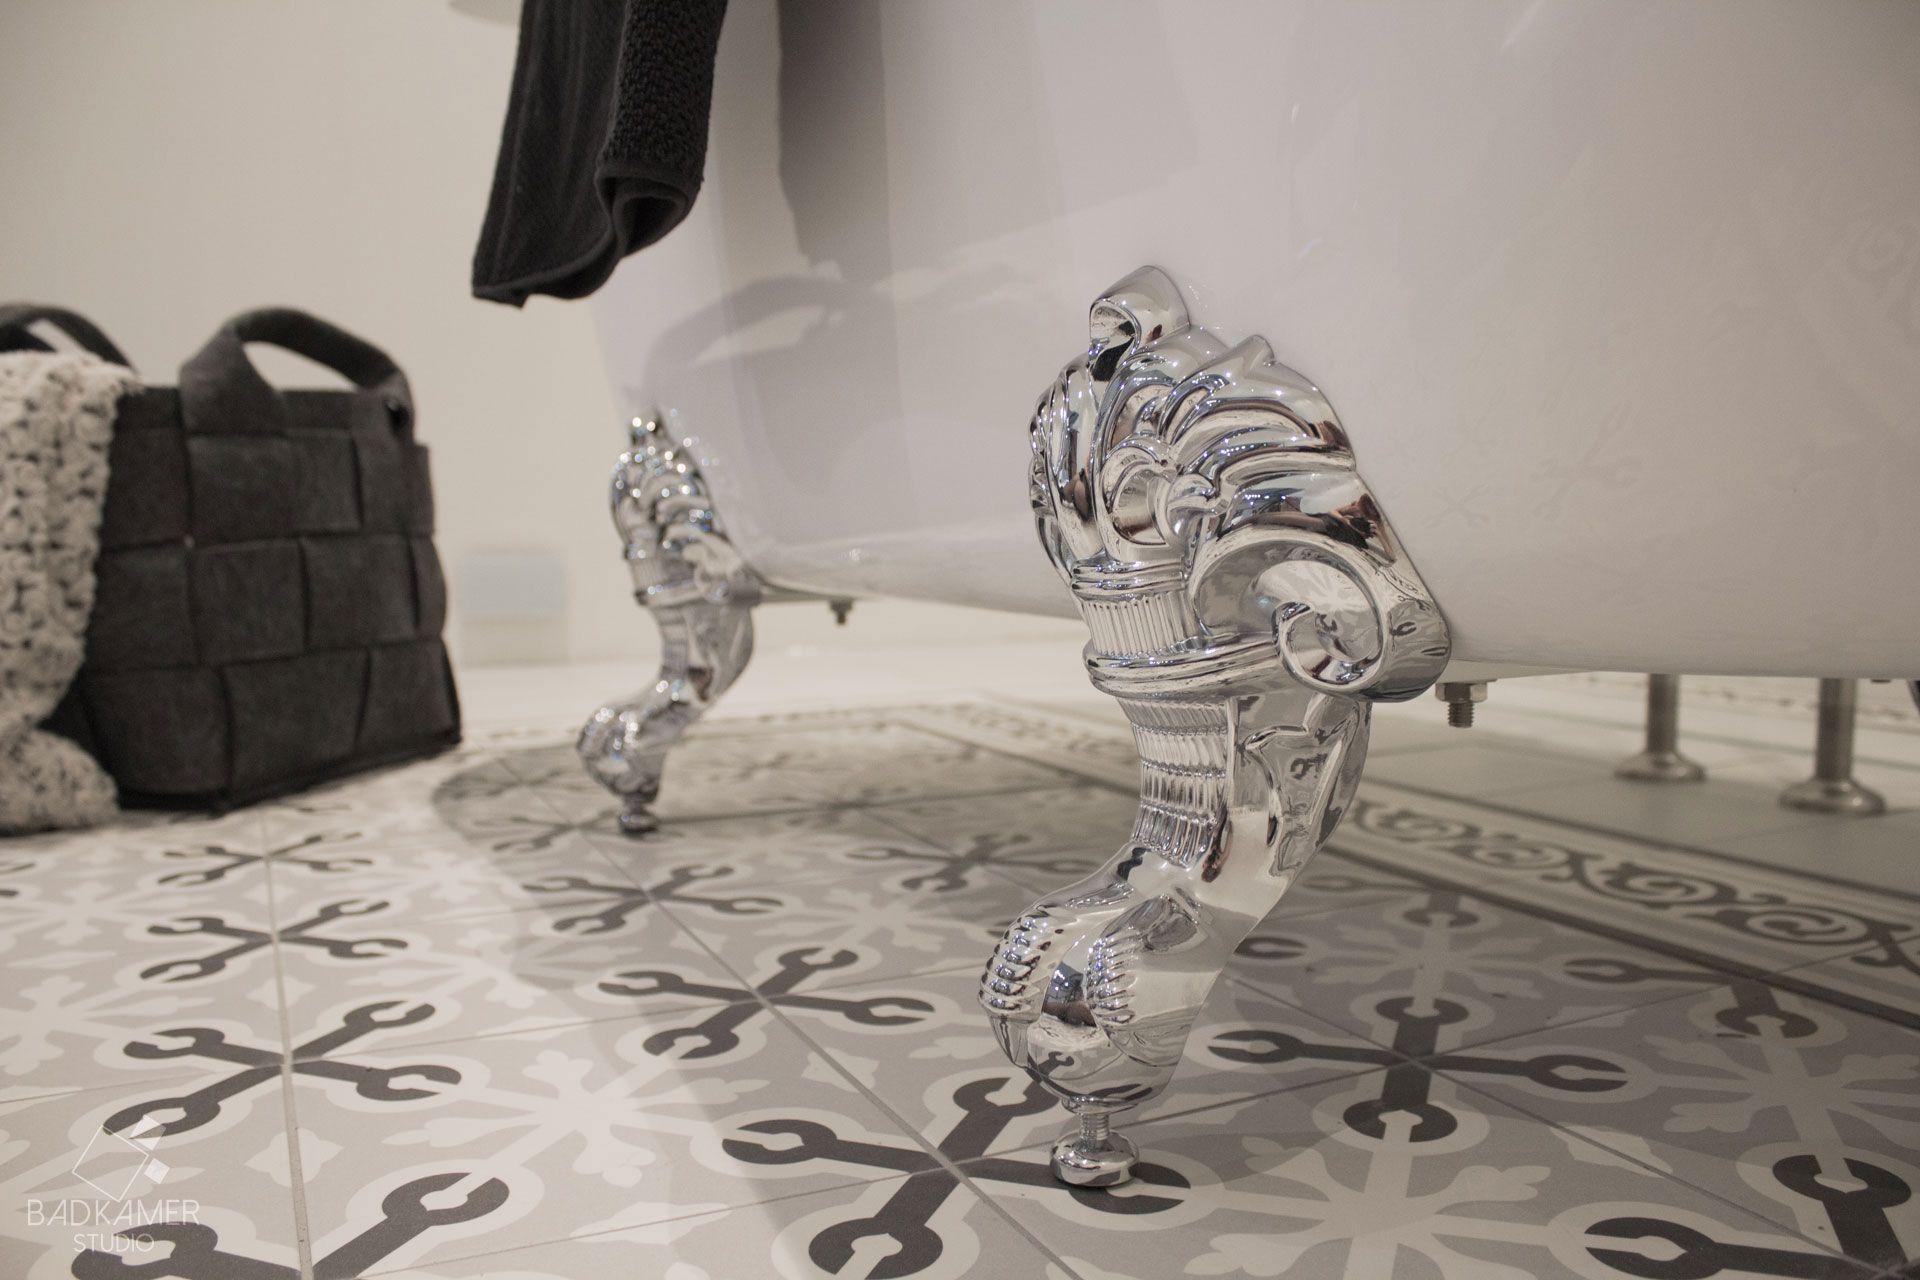 maatwerk nostalgische badkamer met vrijstaand bad decor tegels op